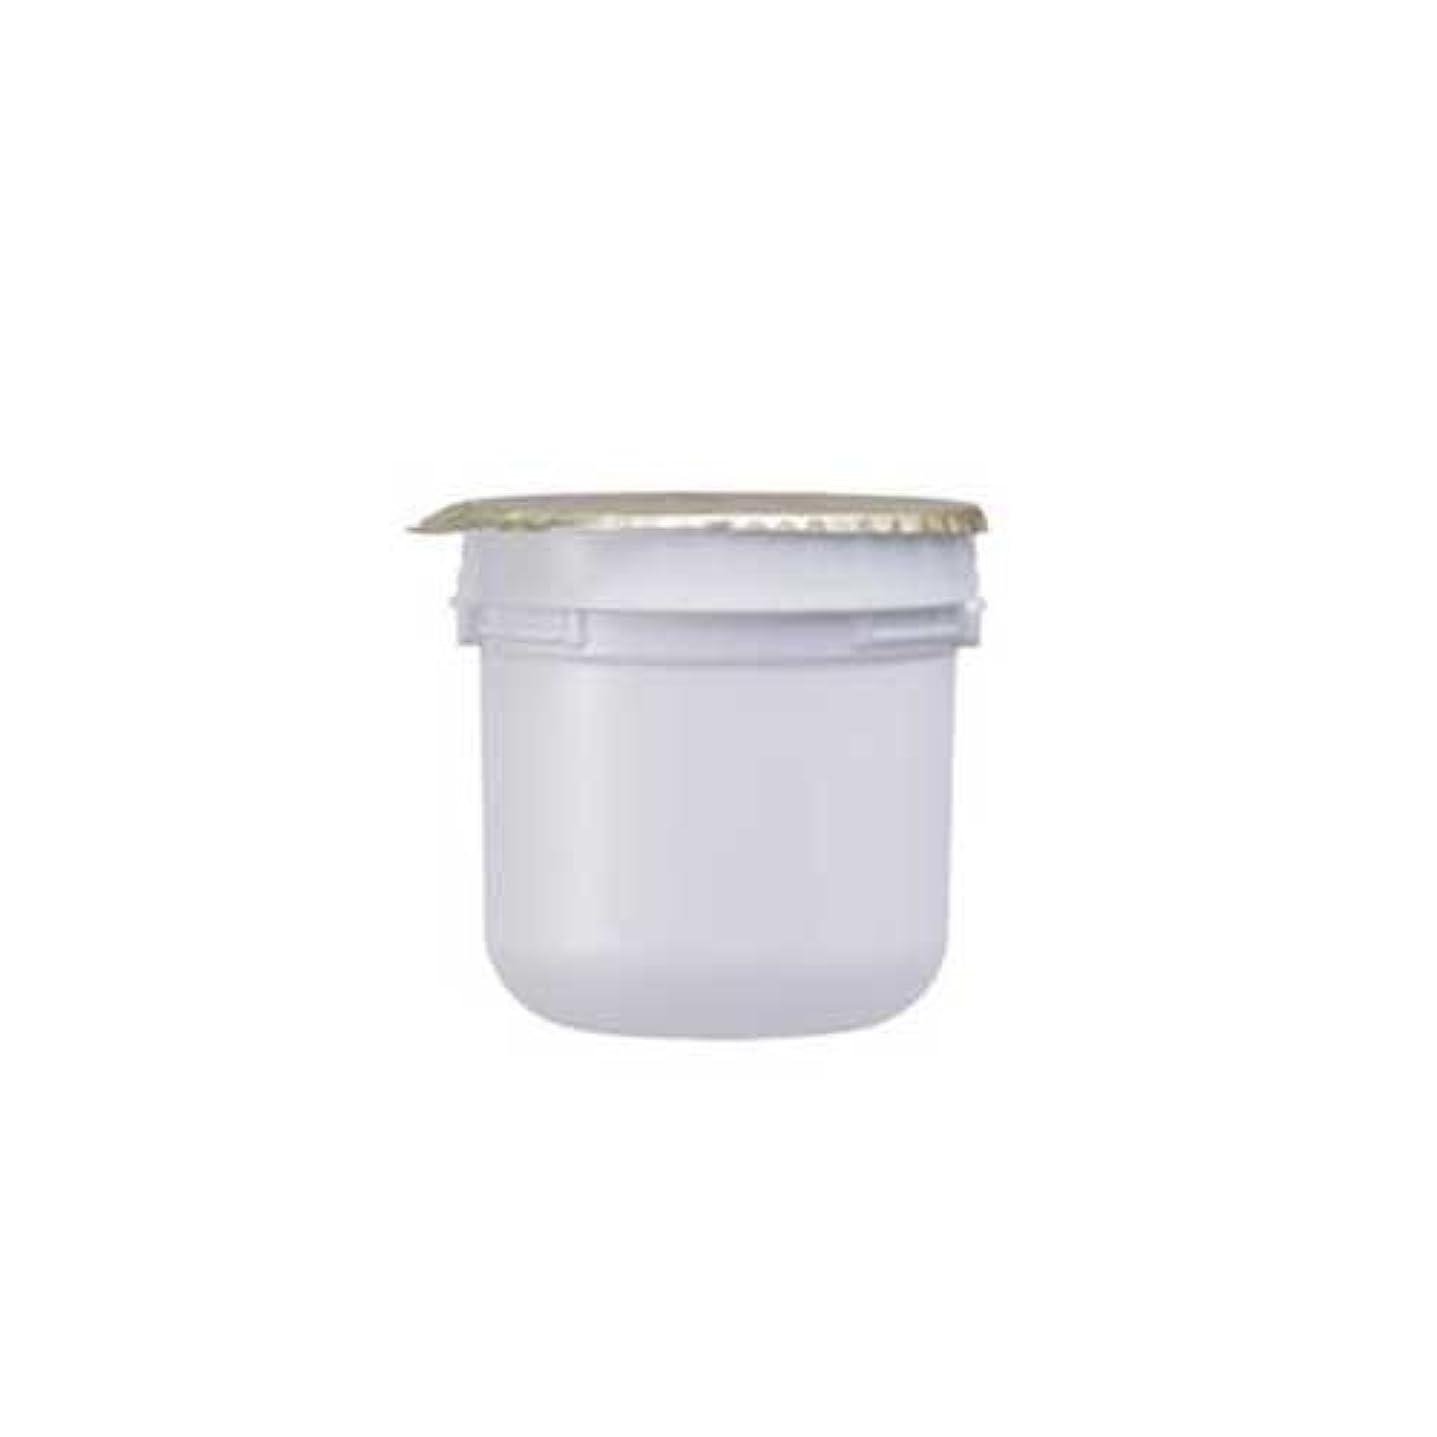 航空機すすり泣きネットASTALIFT(アスタリフト) ホワイト クリーム(美白クリーム)レフィル 30g